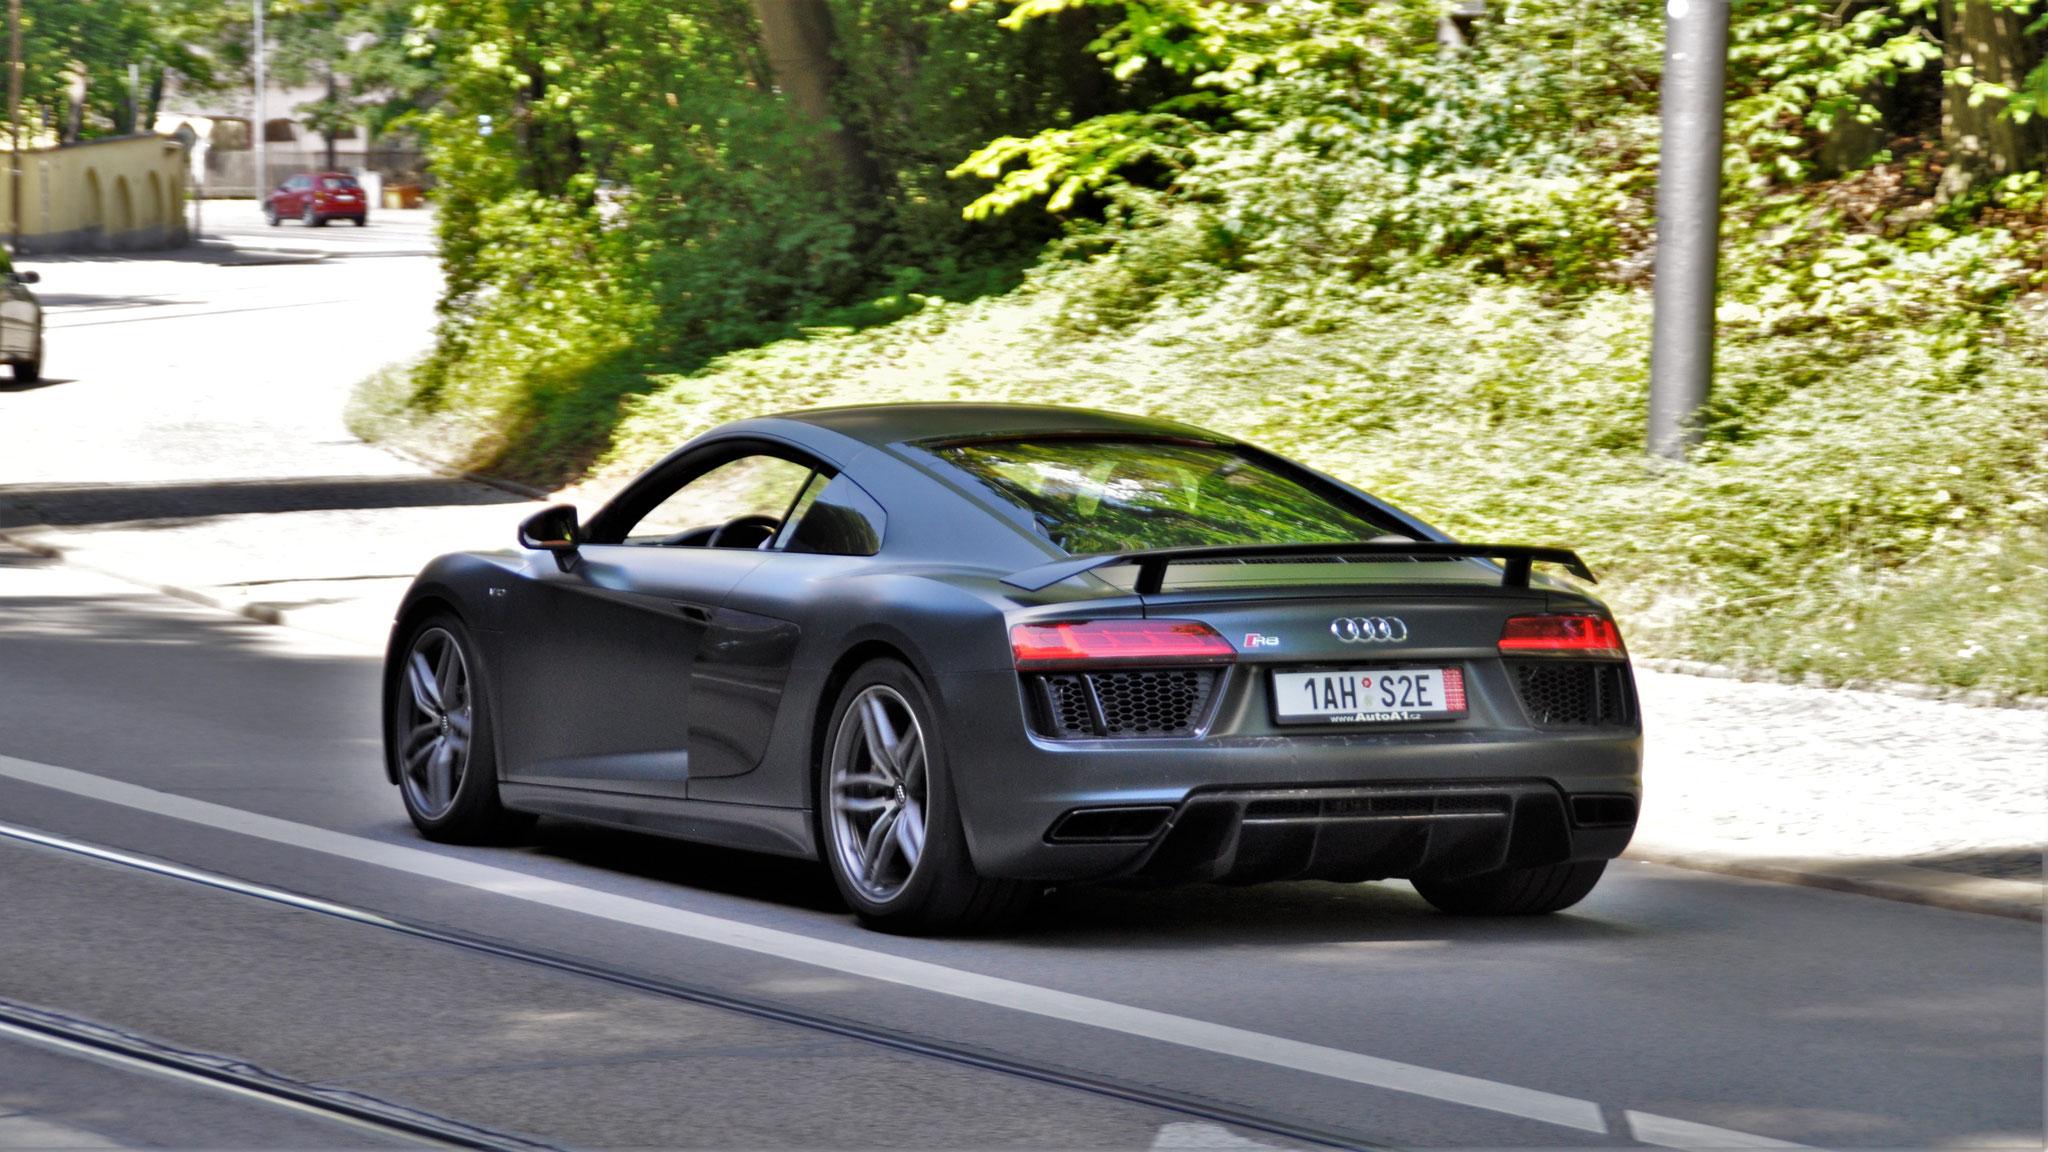 Audi R8 V10 - 1AH-S2E (CZ)